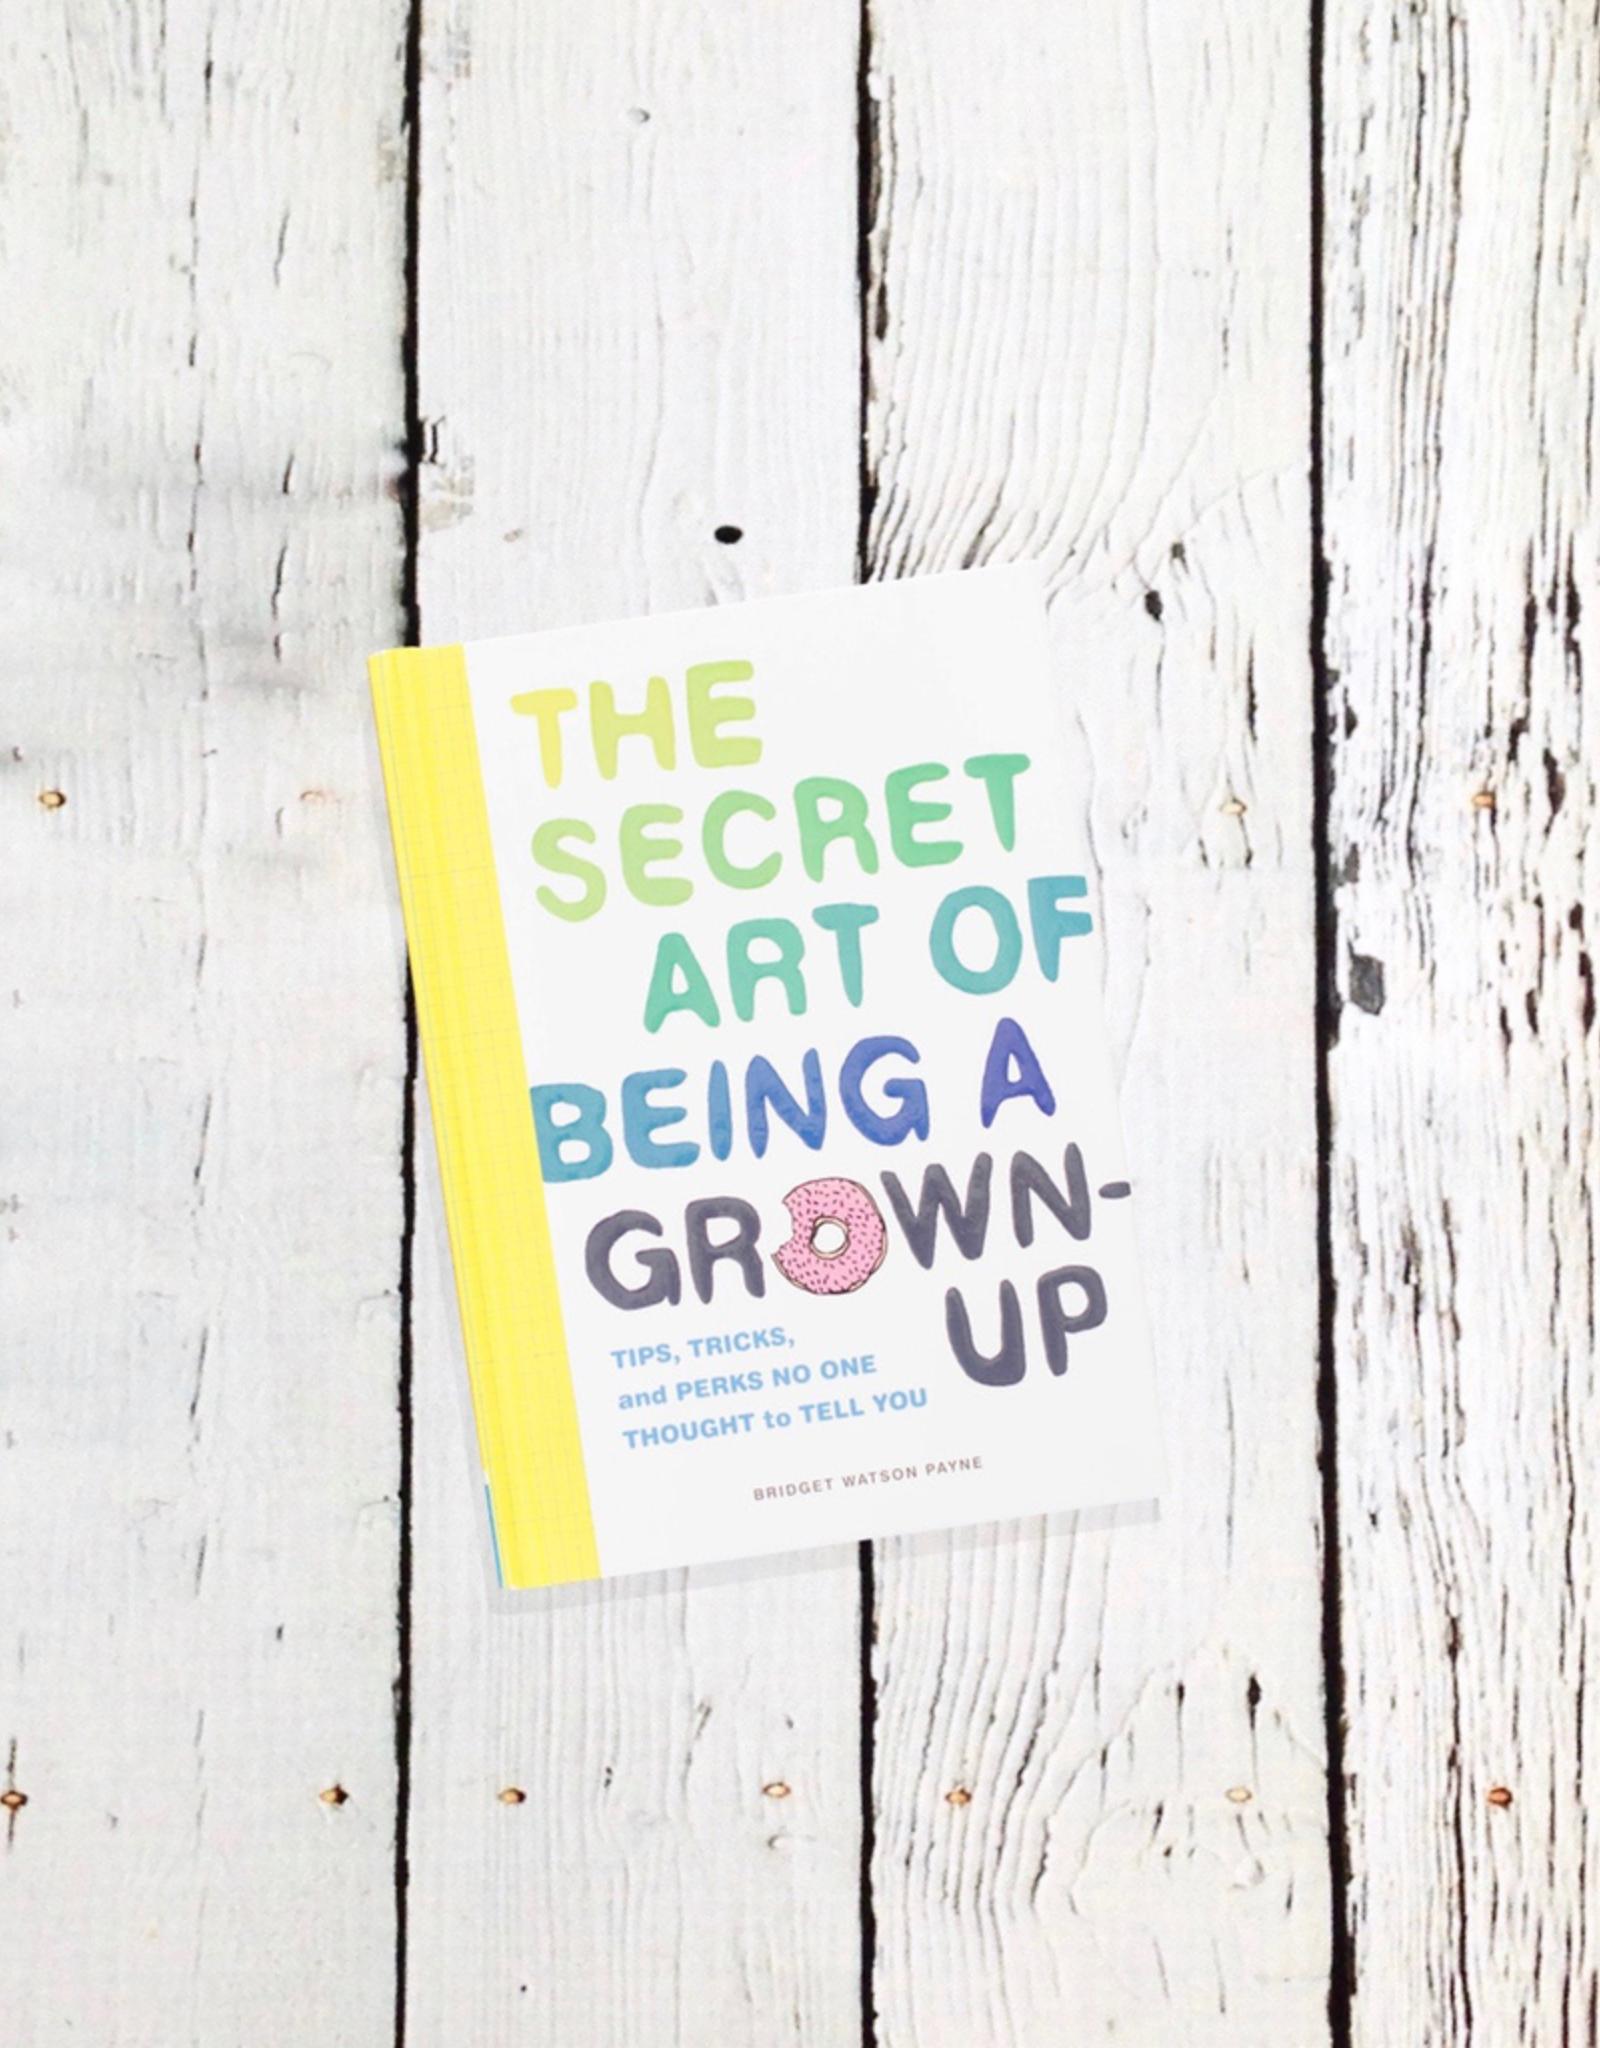 The Secret Art of Being a Grown Up